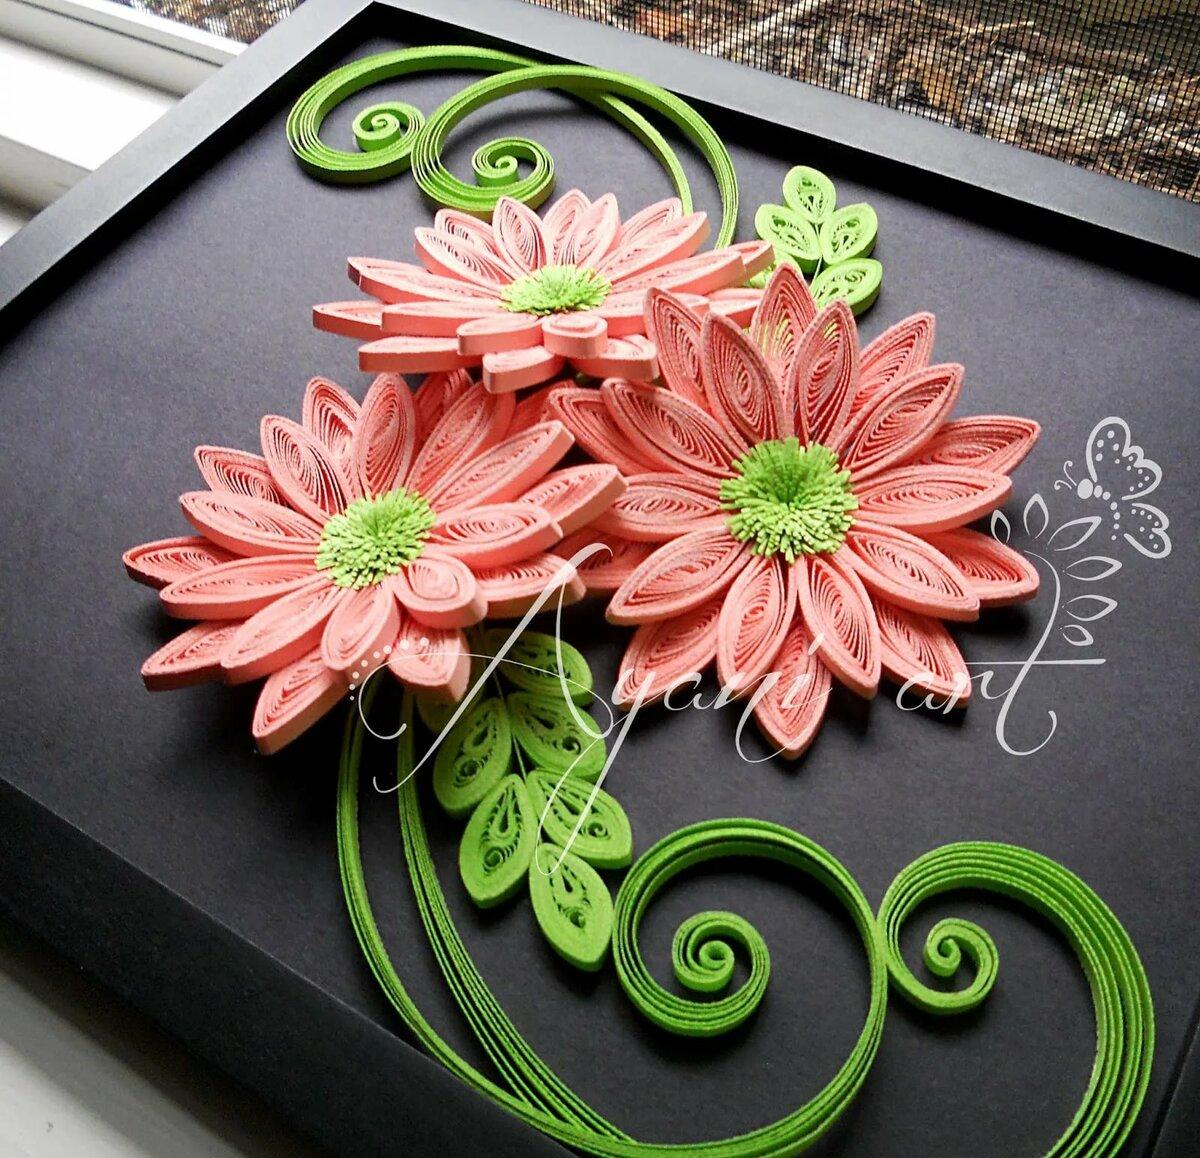 квиллинг открытка для начинающих пошагово с фото из бумаги цветы хакамада другие дне